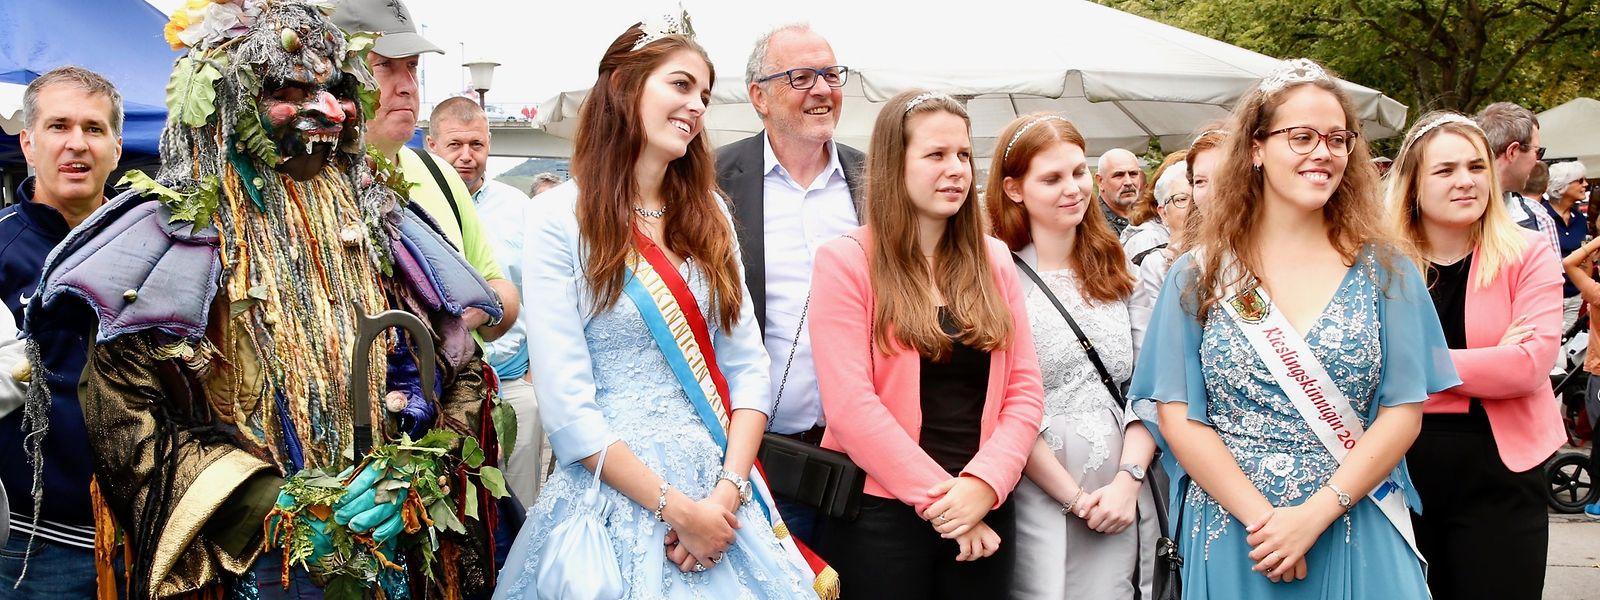 Der Gott des Weines hatte sich unter anderem zu der Luxemburger Weinkönigin und der Rieslingkönigin gesellt.